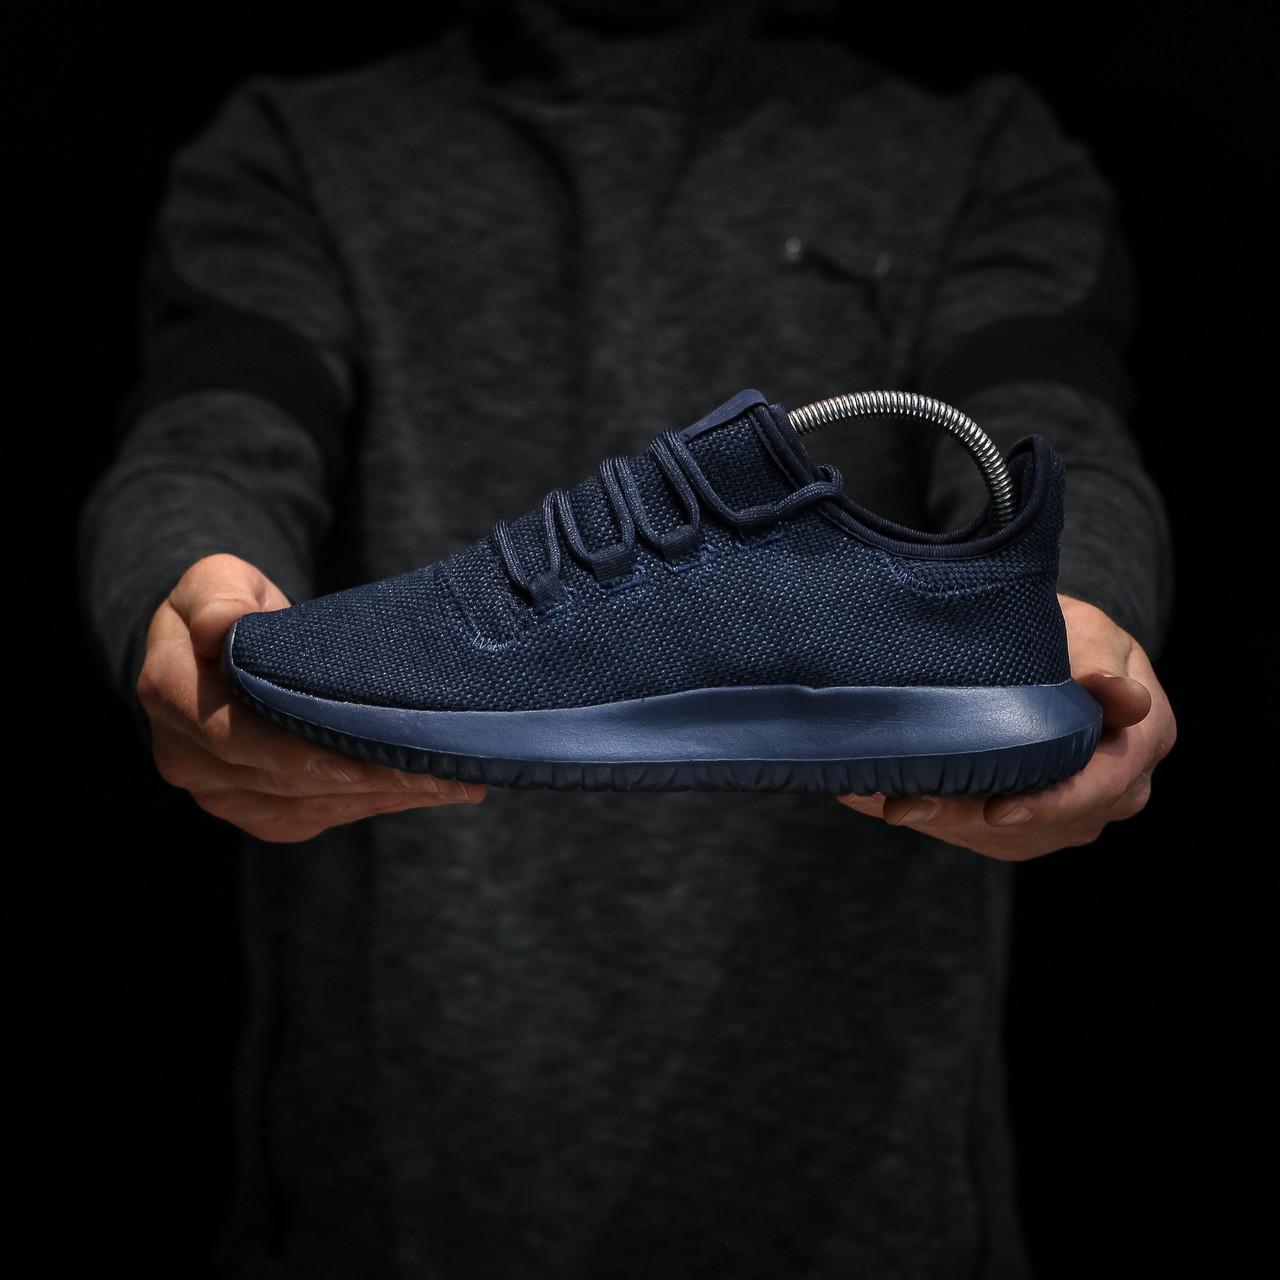 Мужские кроссовки Adidas Tubular Shadow , Реплика